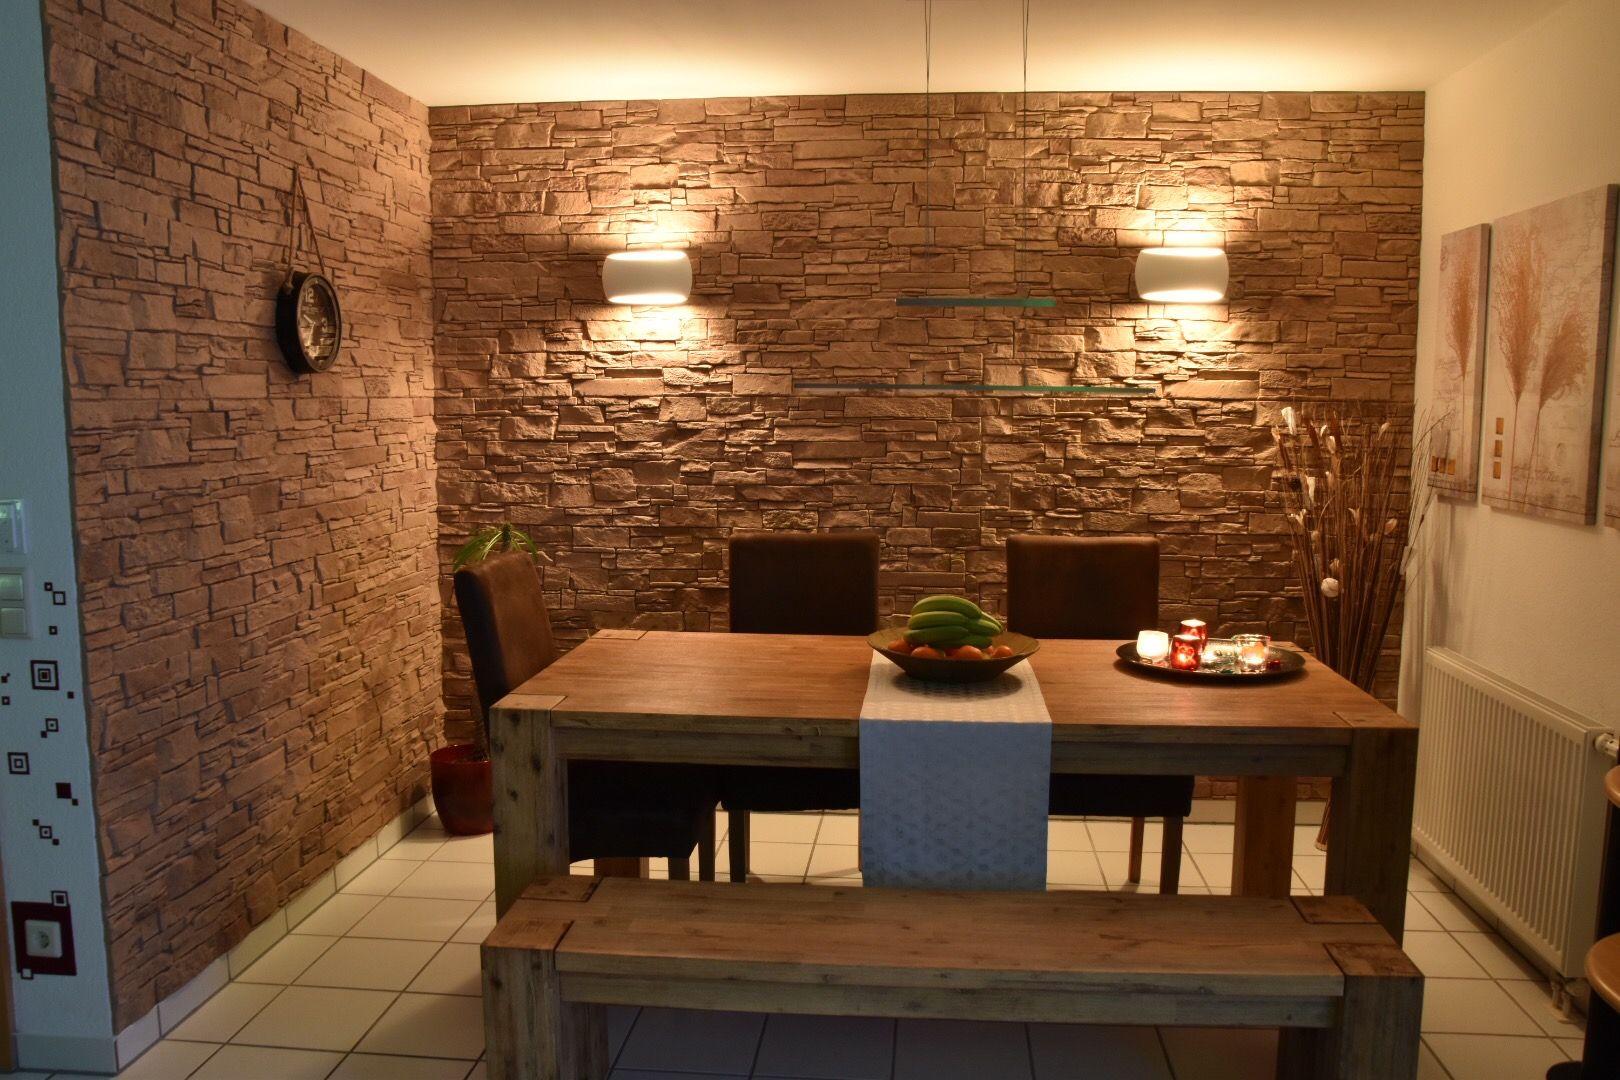 Steinwände In Einem Warmen Ton. Wandgestaltung Steinoptik, Wandverkleidung  Steinoptik, Steine, Farben,